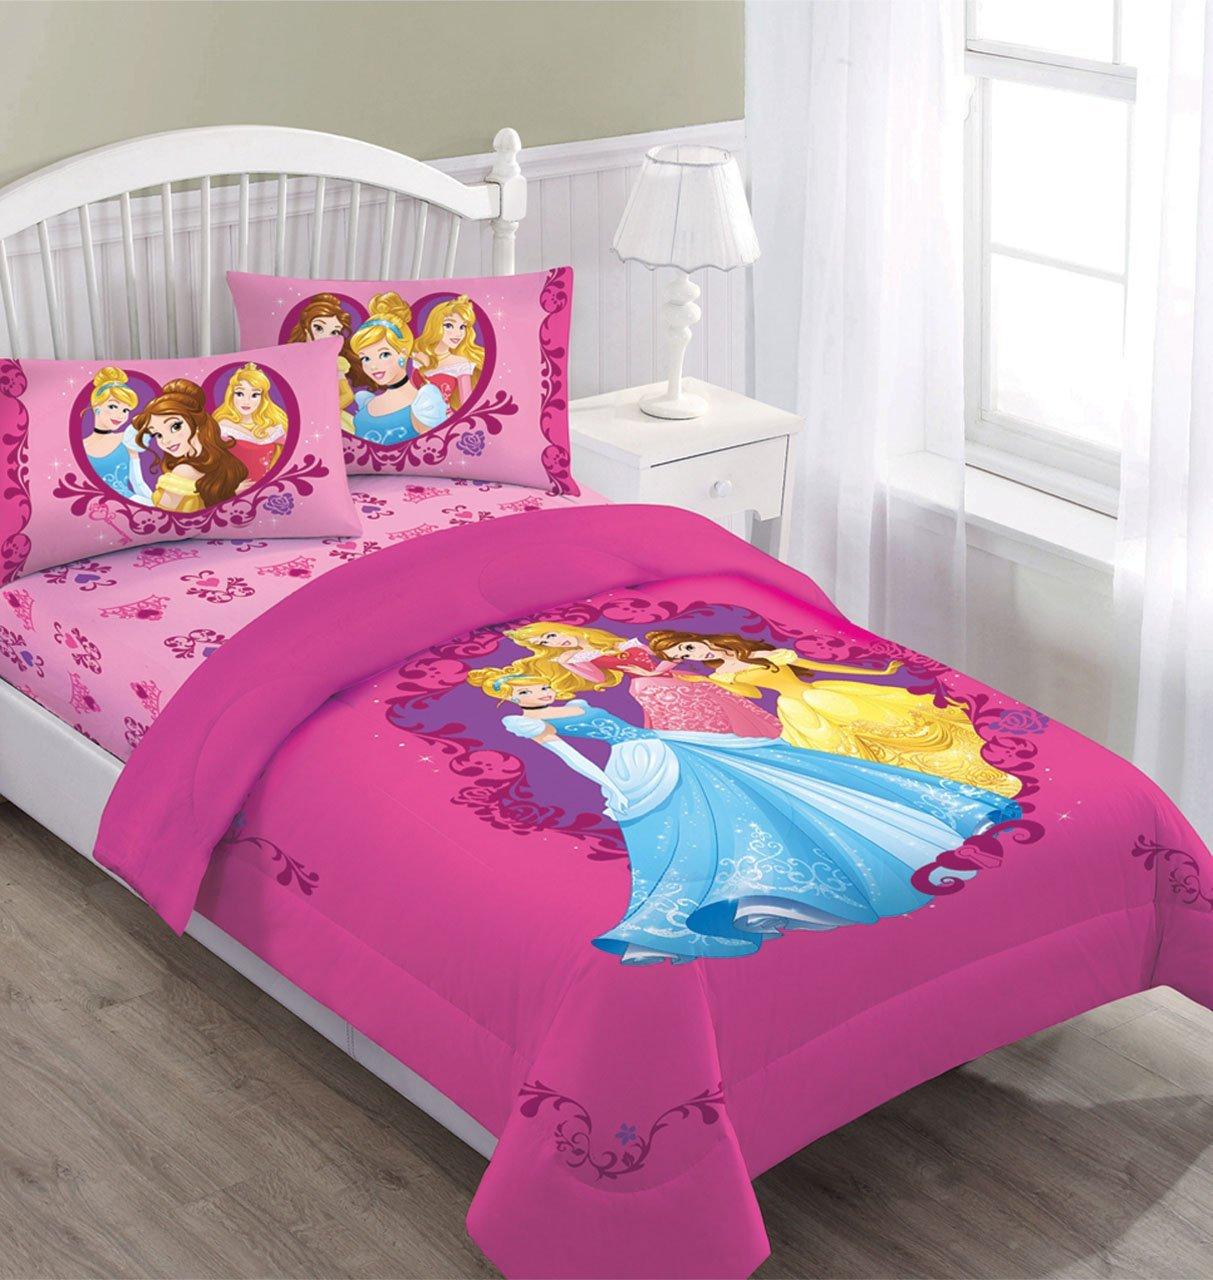 amazoncom disney princess gateway to dreams twin bedding  - amazoncom disney princess gateway to dreams twin bedding comforter sethome  kitchen